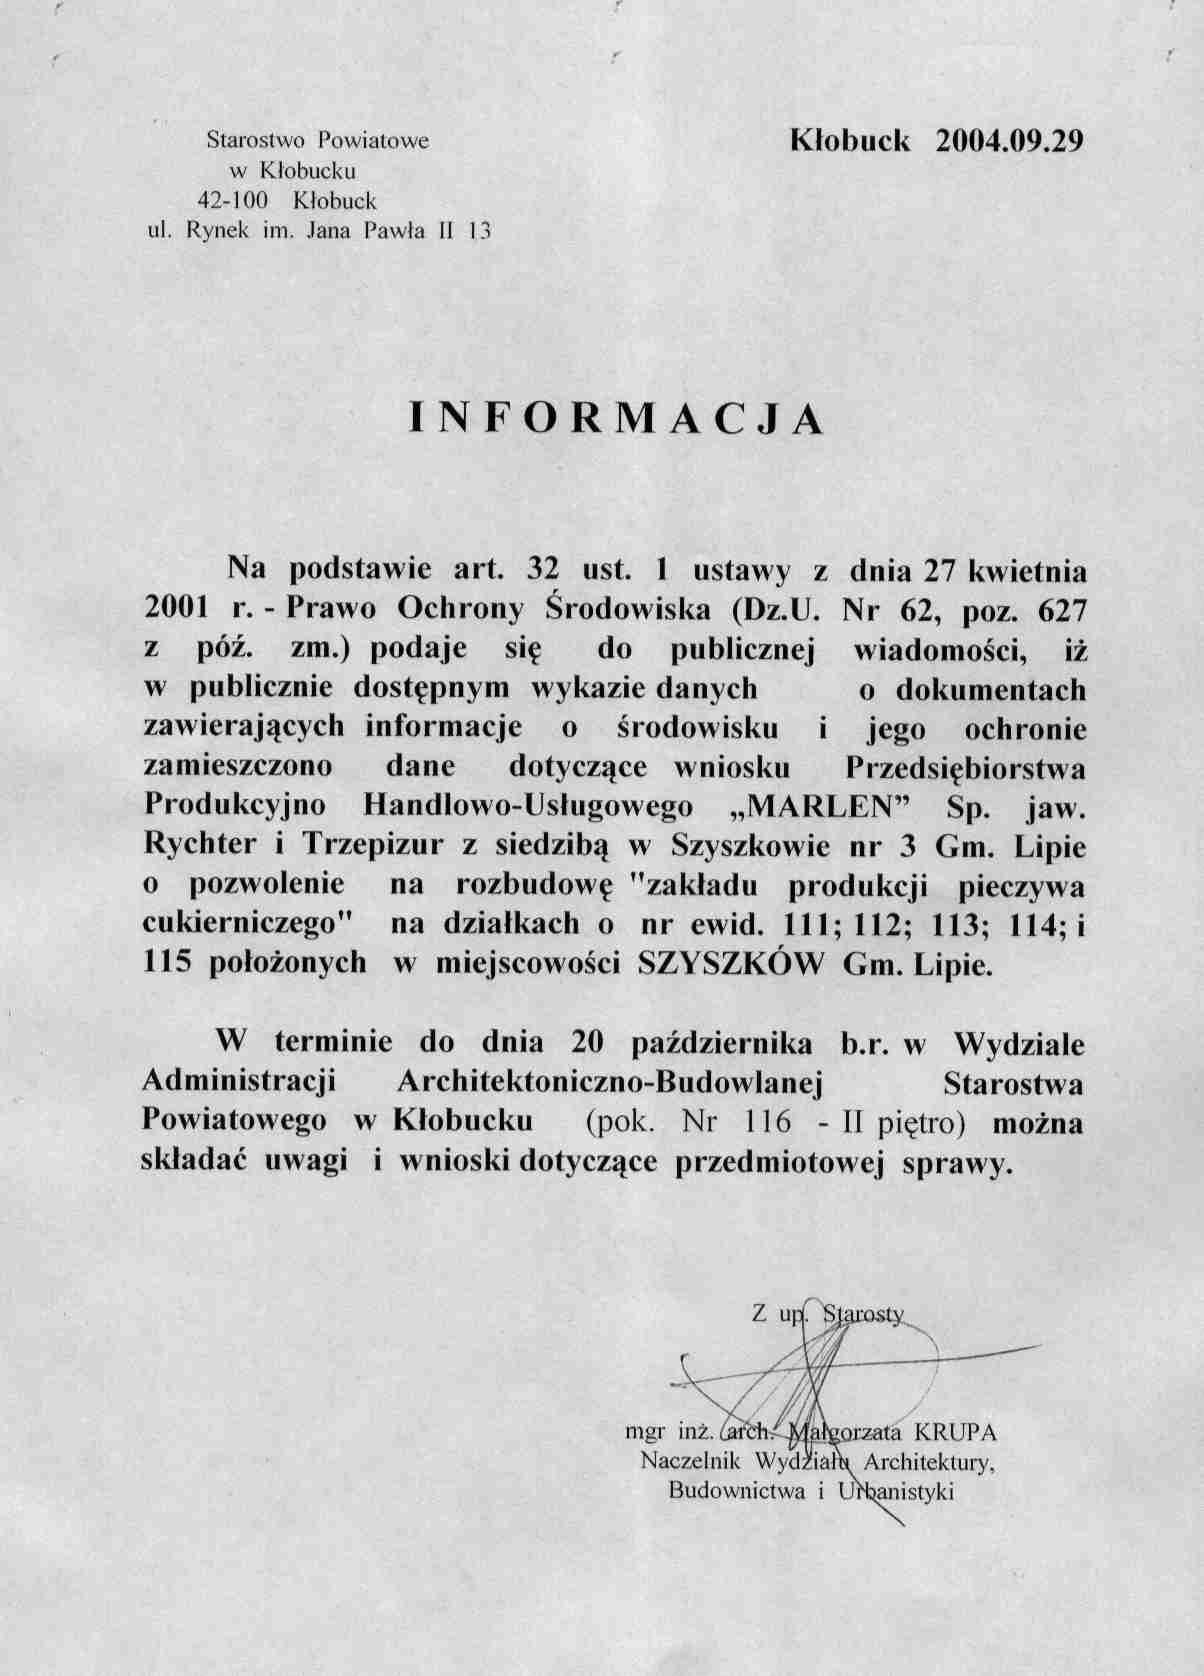 AB - informacja z  dn 29 09 2004.jpeg